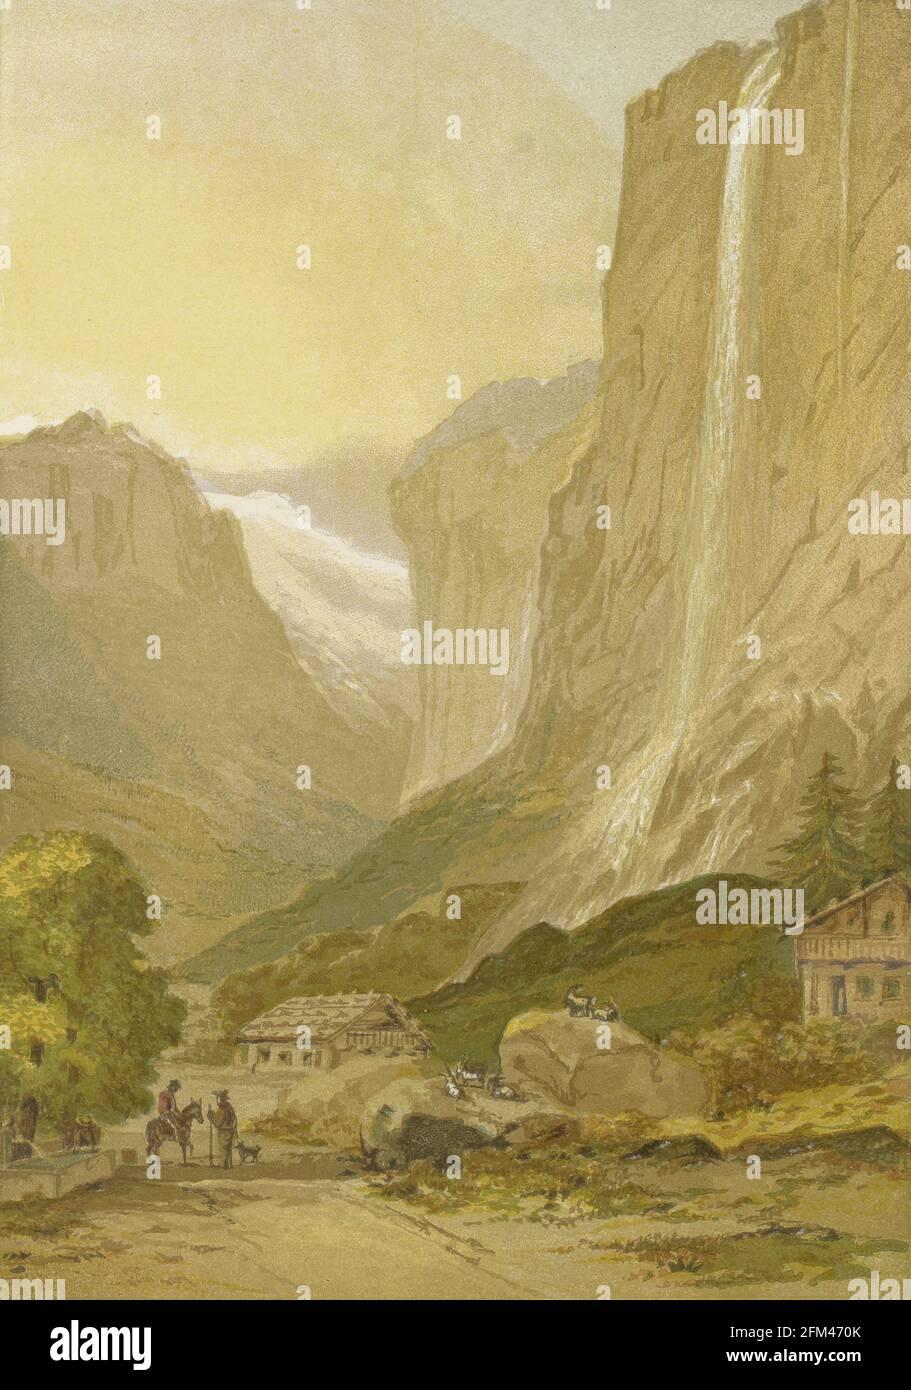 El Staubbach [la caída de Staubbach (Staubachfall lit.: Caída de la cala de polvo) es una cascada en Suiza, situada justo al oeste sobre Lauterbrunnen en las tierras altas de Bernese. La cascada cae a 297 metros (974 pies) de un valle colgante que termina en acantilados colgantes sobre la Weisse Lütschine]. Del libro La teoría y práctica de la pintura de paisajes en colores de agua ilustrada por una serie de veintiséis dibujos y diagramas en colores y numerosos cortes de madera por Barnard, George, 1807-1890 Publicado en 1885 por George Routledge e Hijos Londres Foto de stock